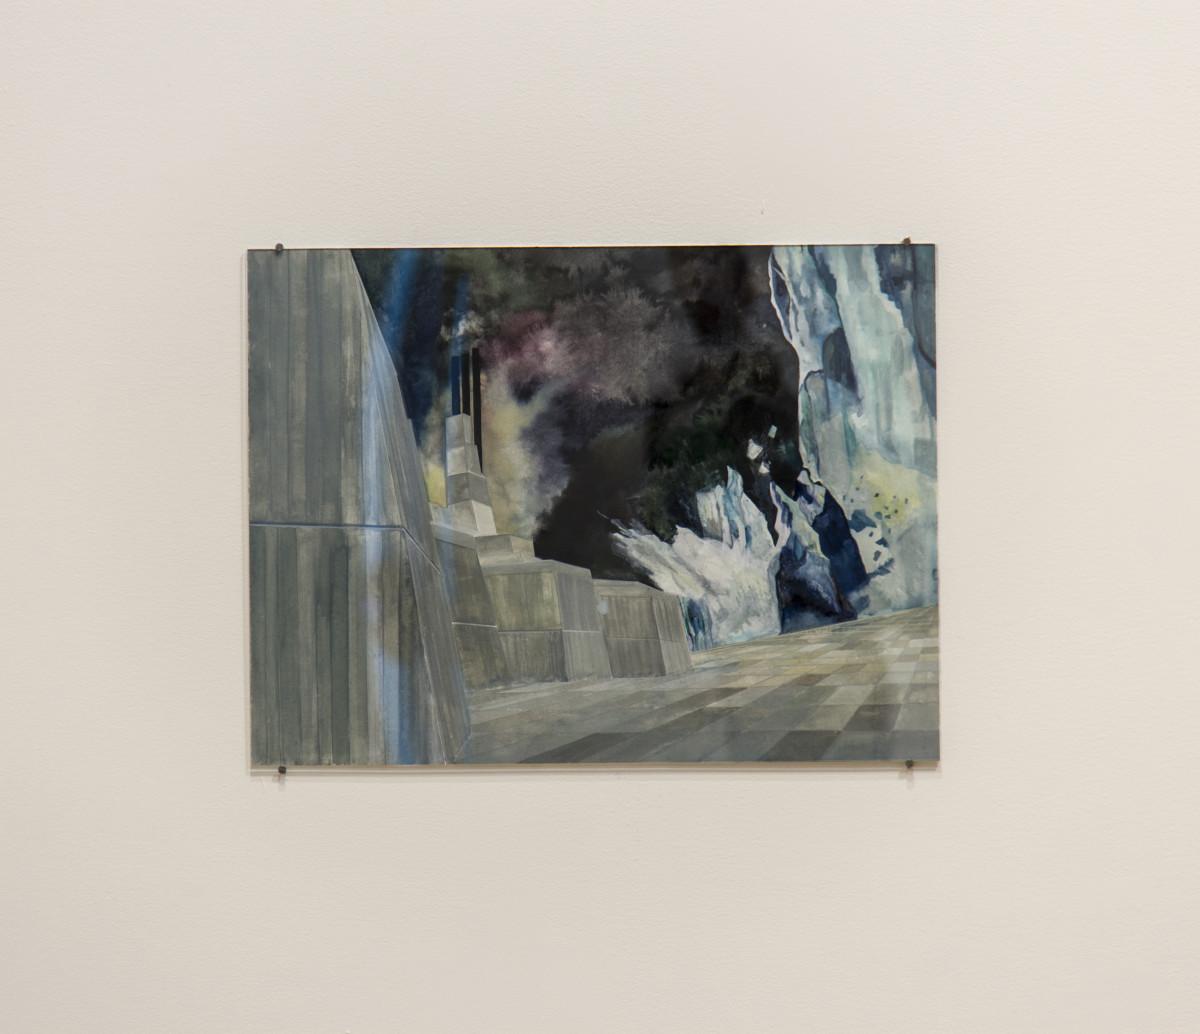 Isa Melsheimer Nr 440, 2017 Gouache on paper 42 x 56 cm (unframed) 52,1 x 63,6 cm (framed)